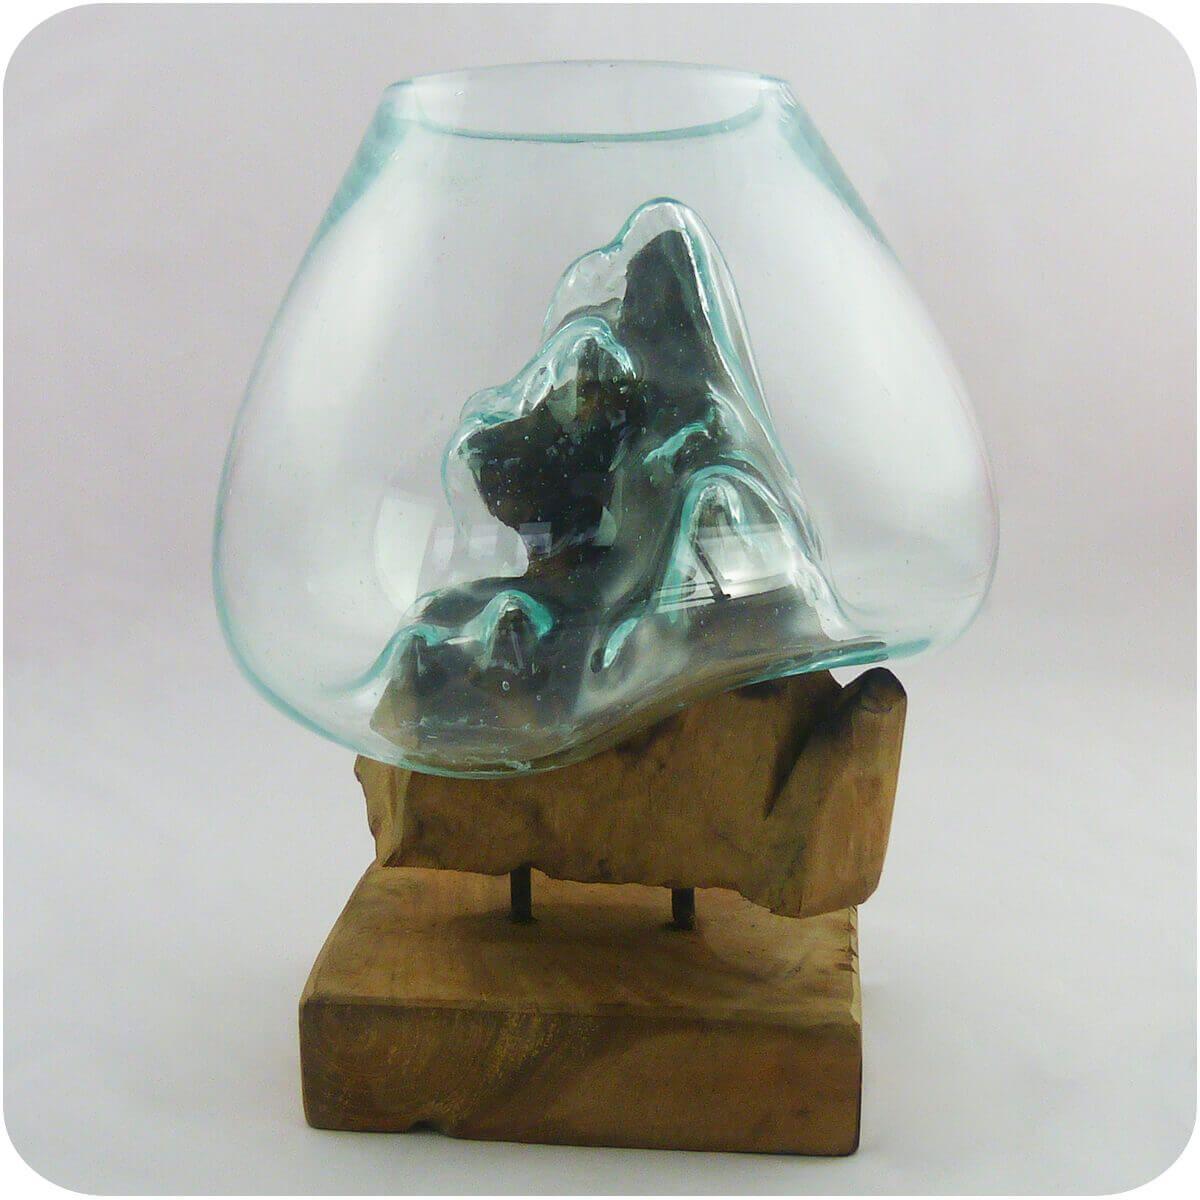 Wurzelholz Glas Vase Teakholz Glasvase Wurzel Holz